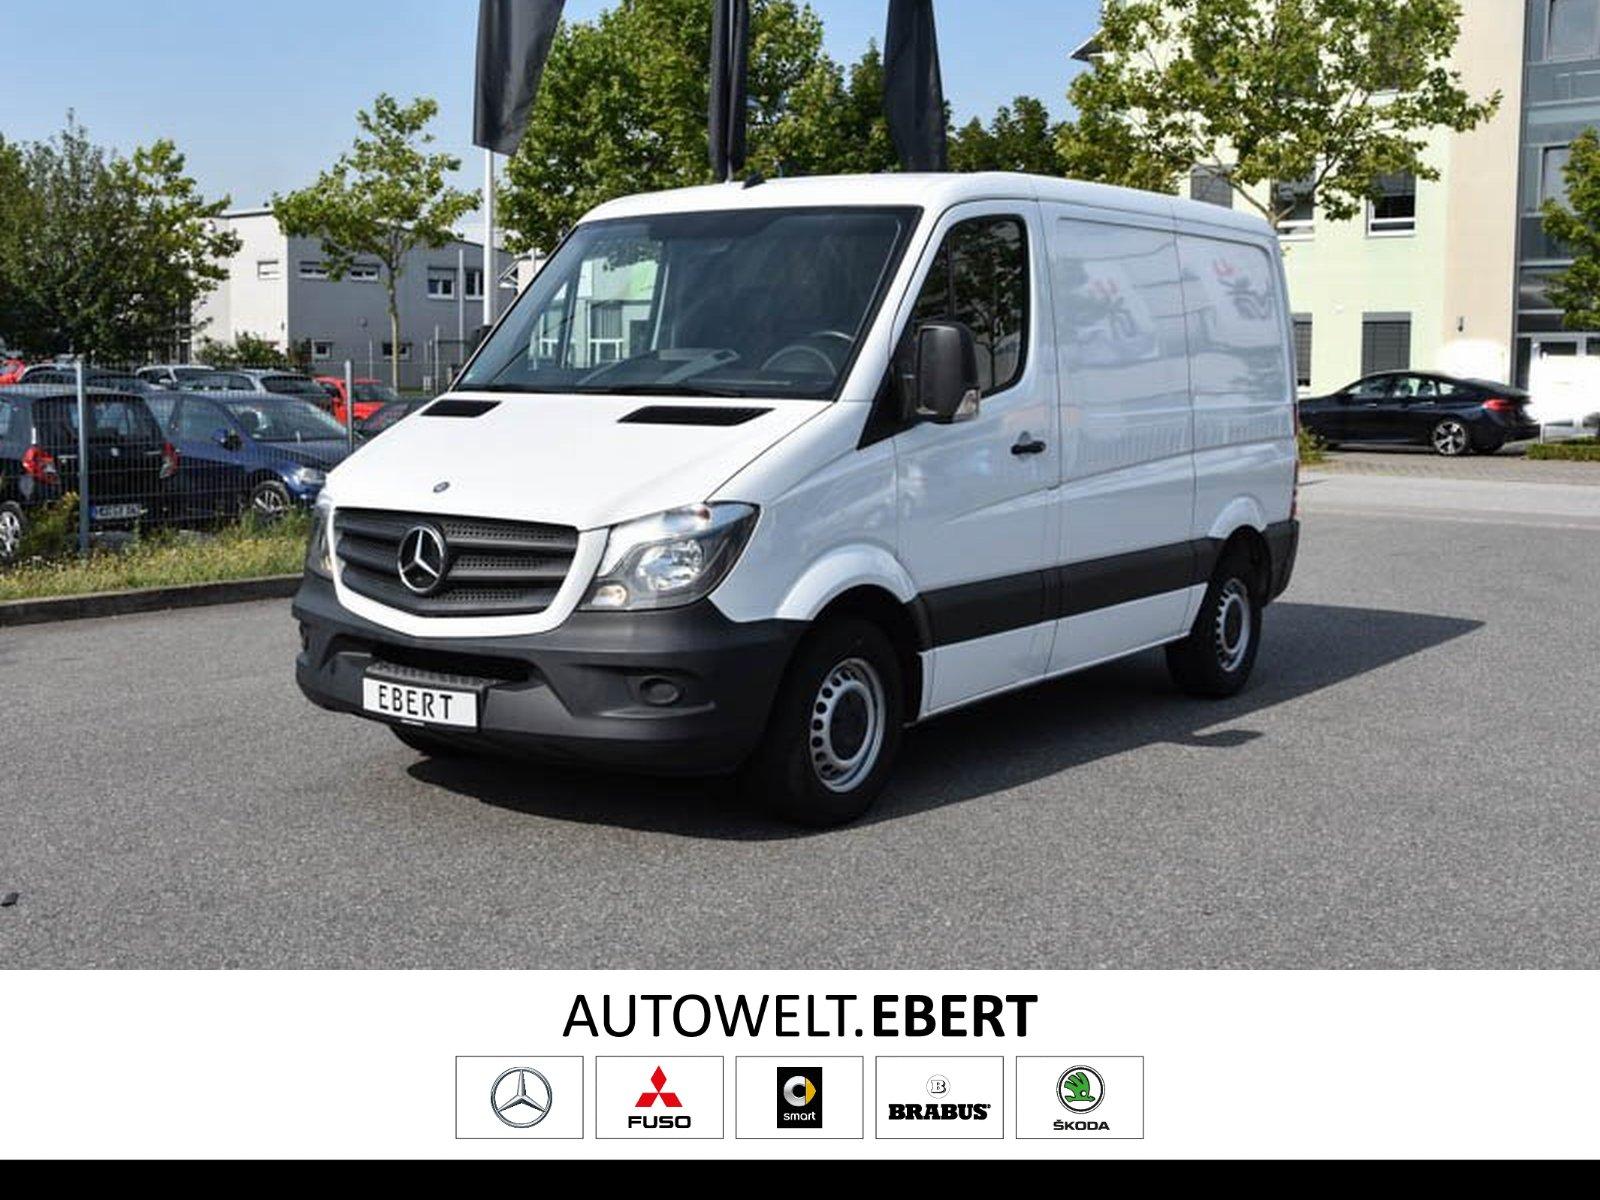 Mercedes-Benz Sprinter 313 CDI Kompakt Klima Holzboden 41700KM, Jahr 2015, Diesel